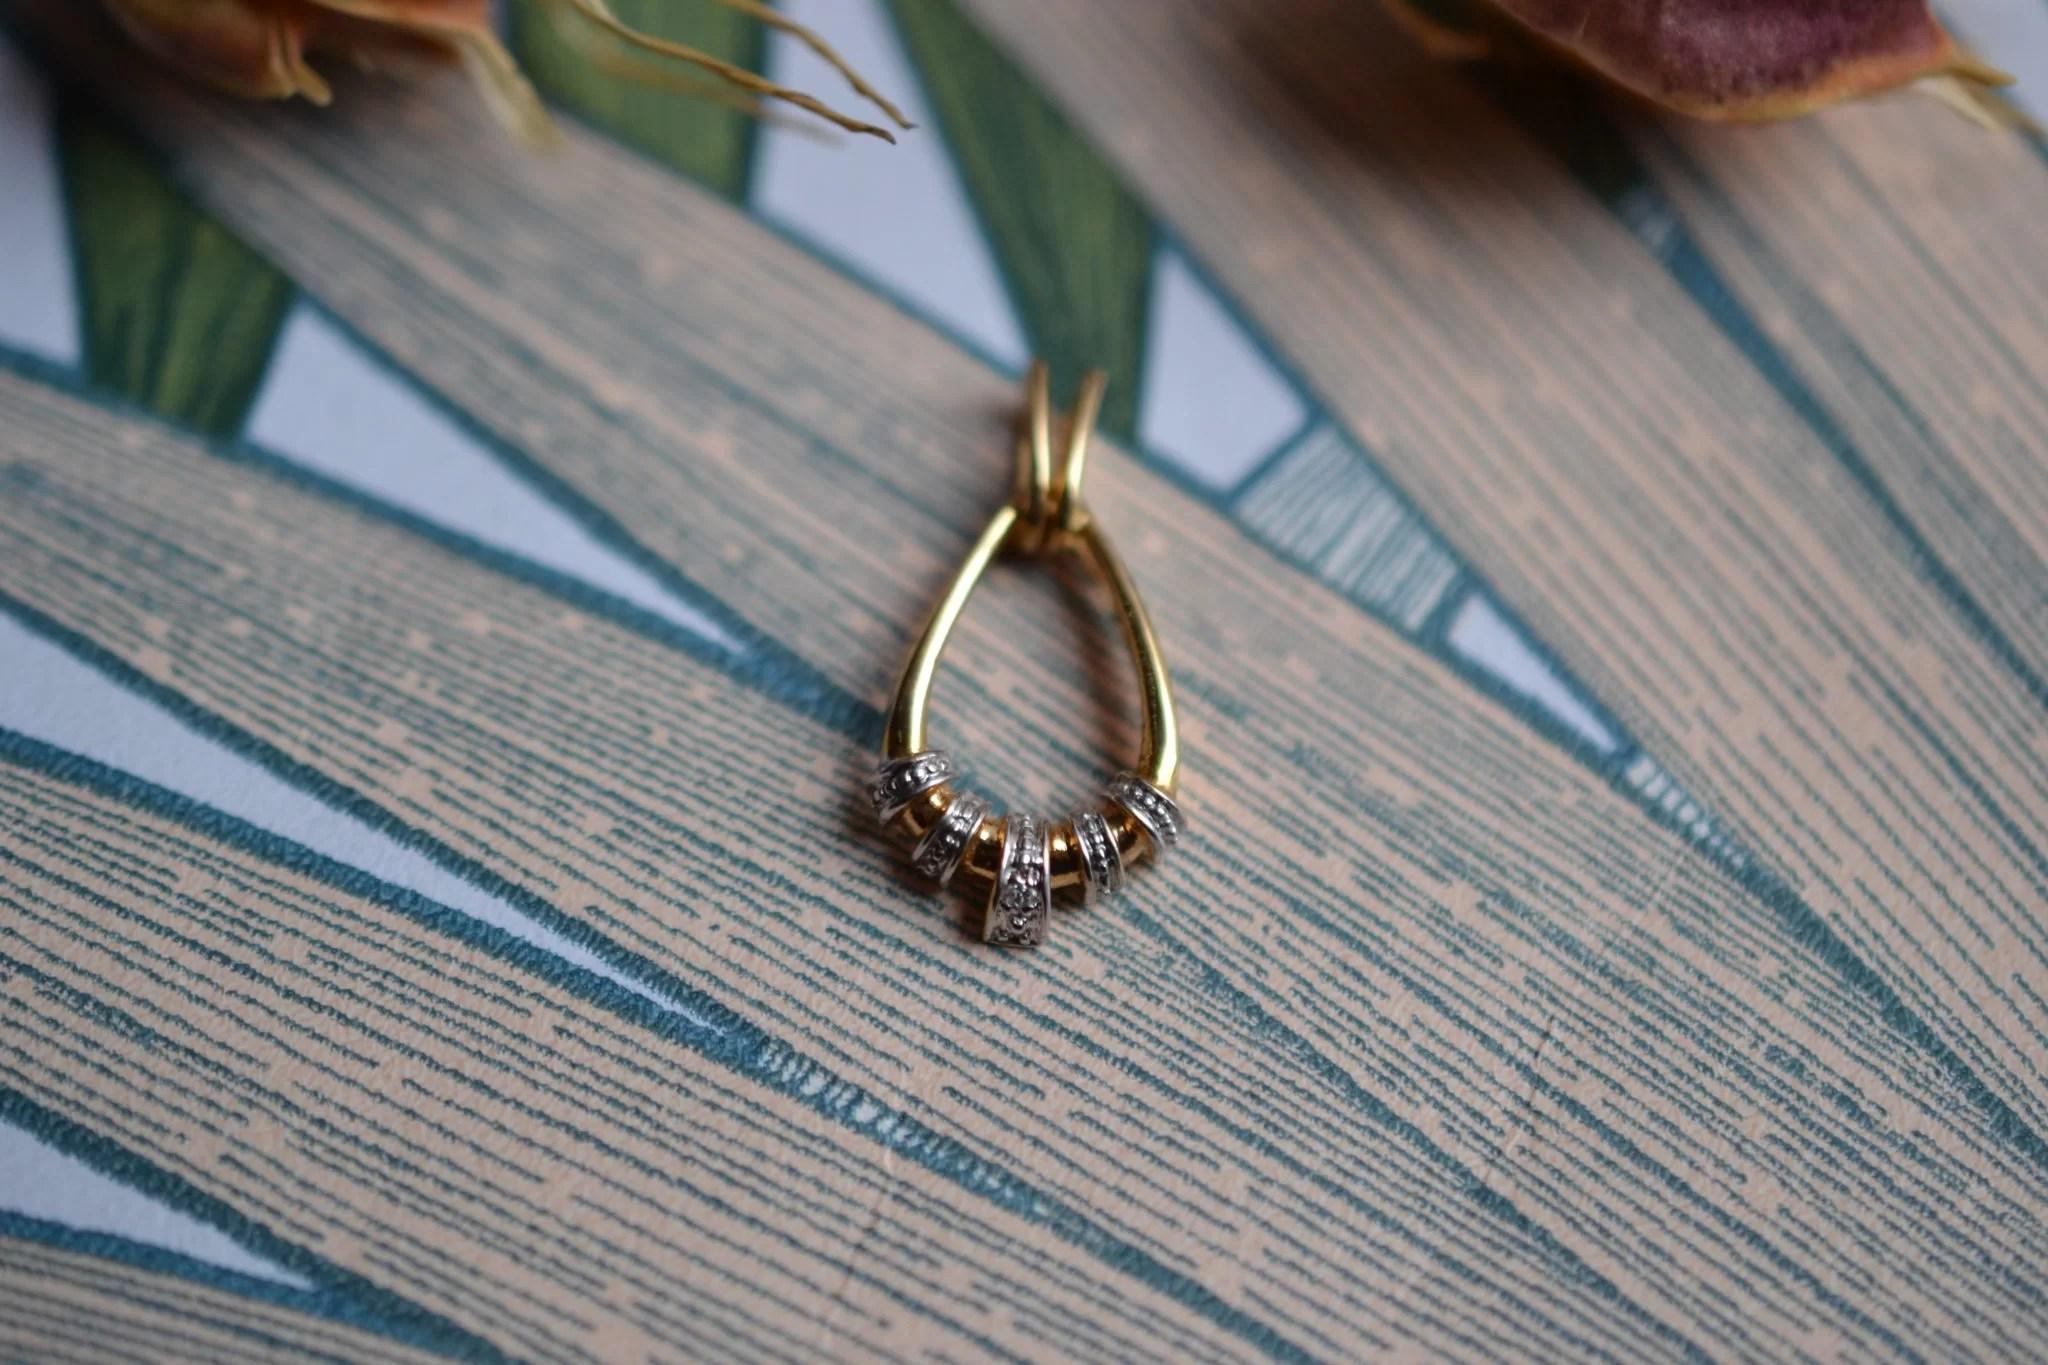 Pendentif en Or jaune et Or blanc en forme de goutte ajourée serti d_un diamant, avec un effet pavage pierres - bijou éthique